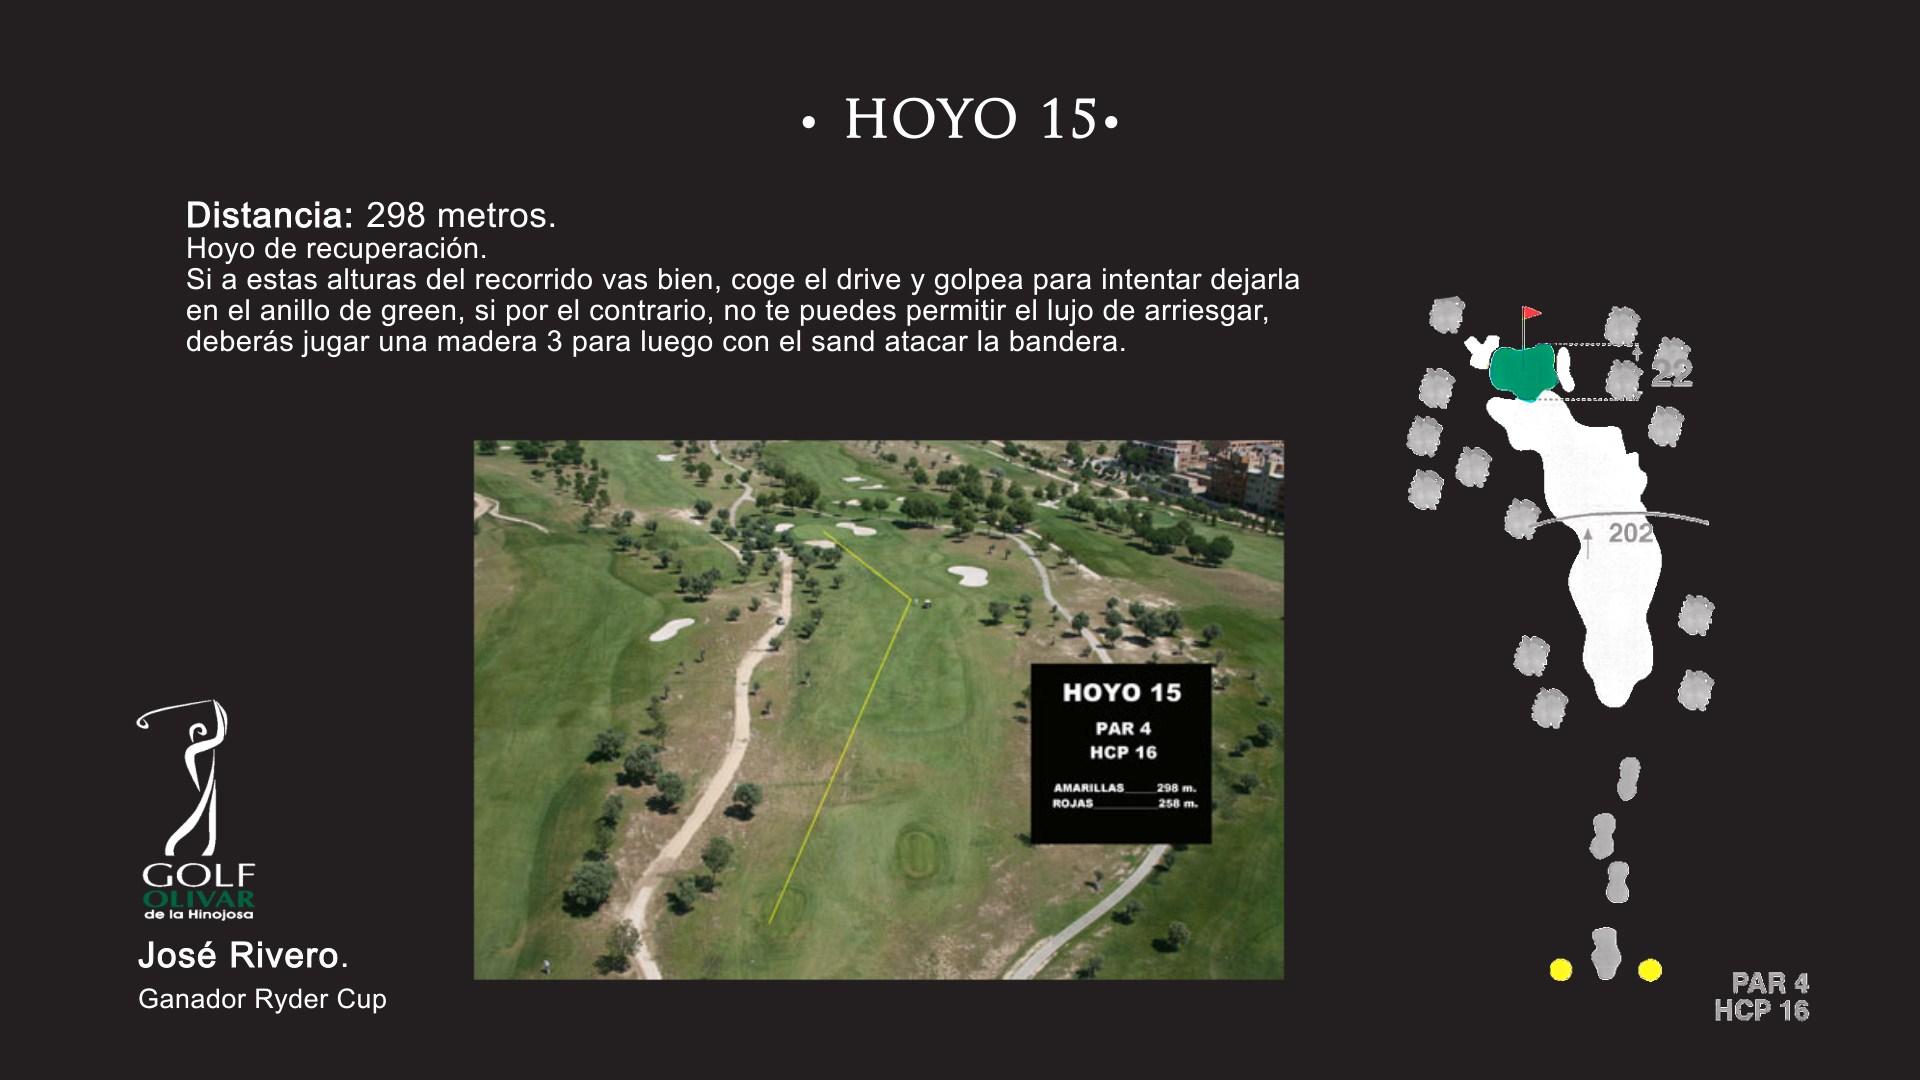 Hoyo 15 Olivar de la Hinojosa